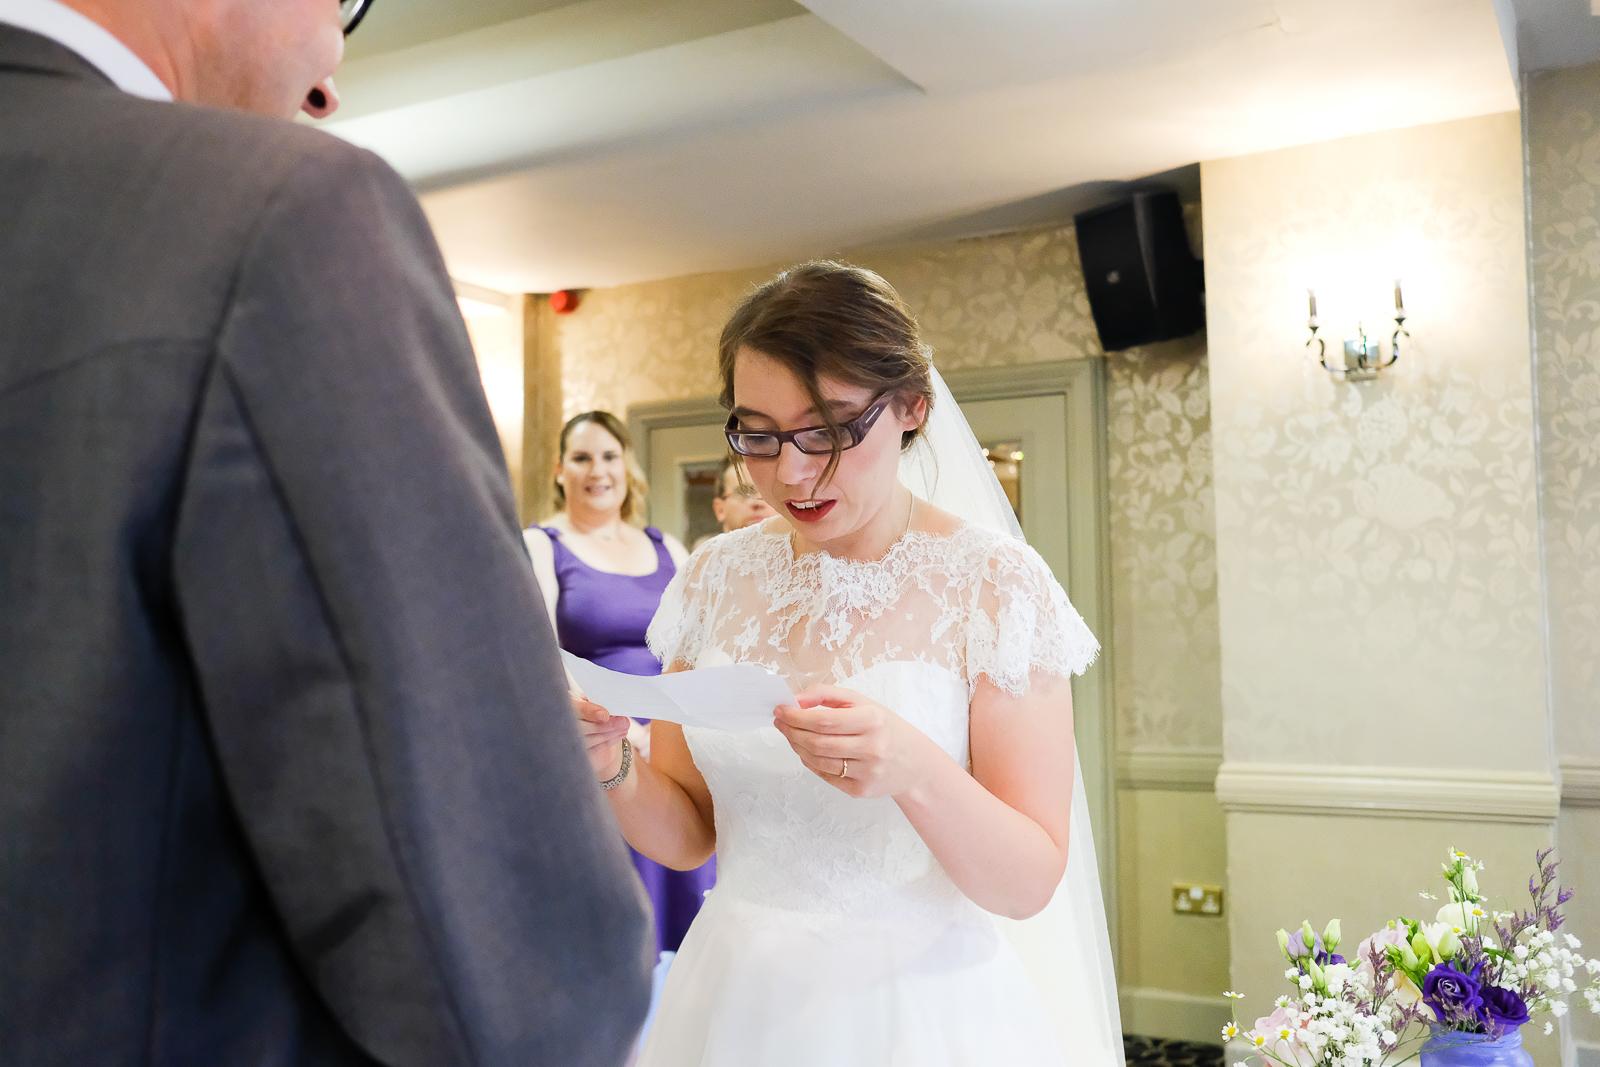 Belmont Hotel Wedding in Leicester 023.jpg